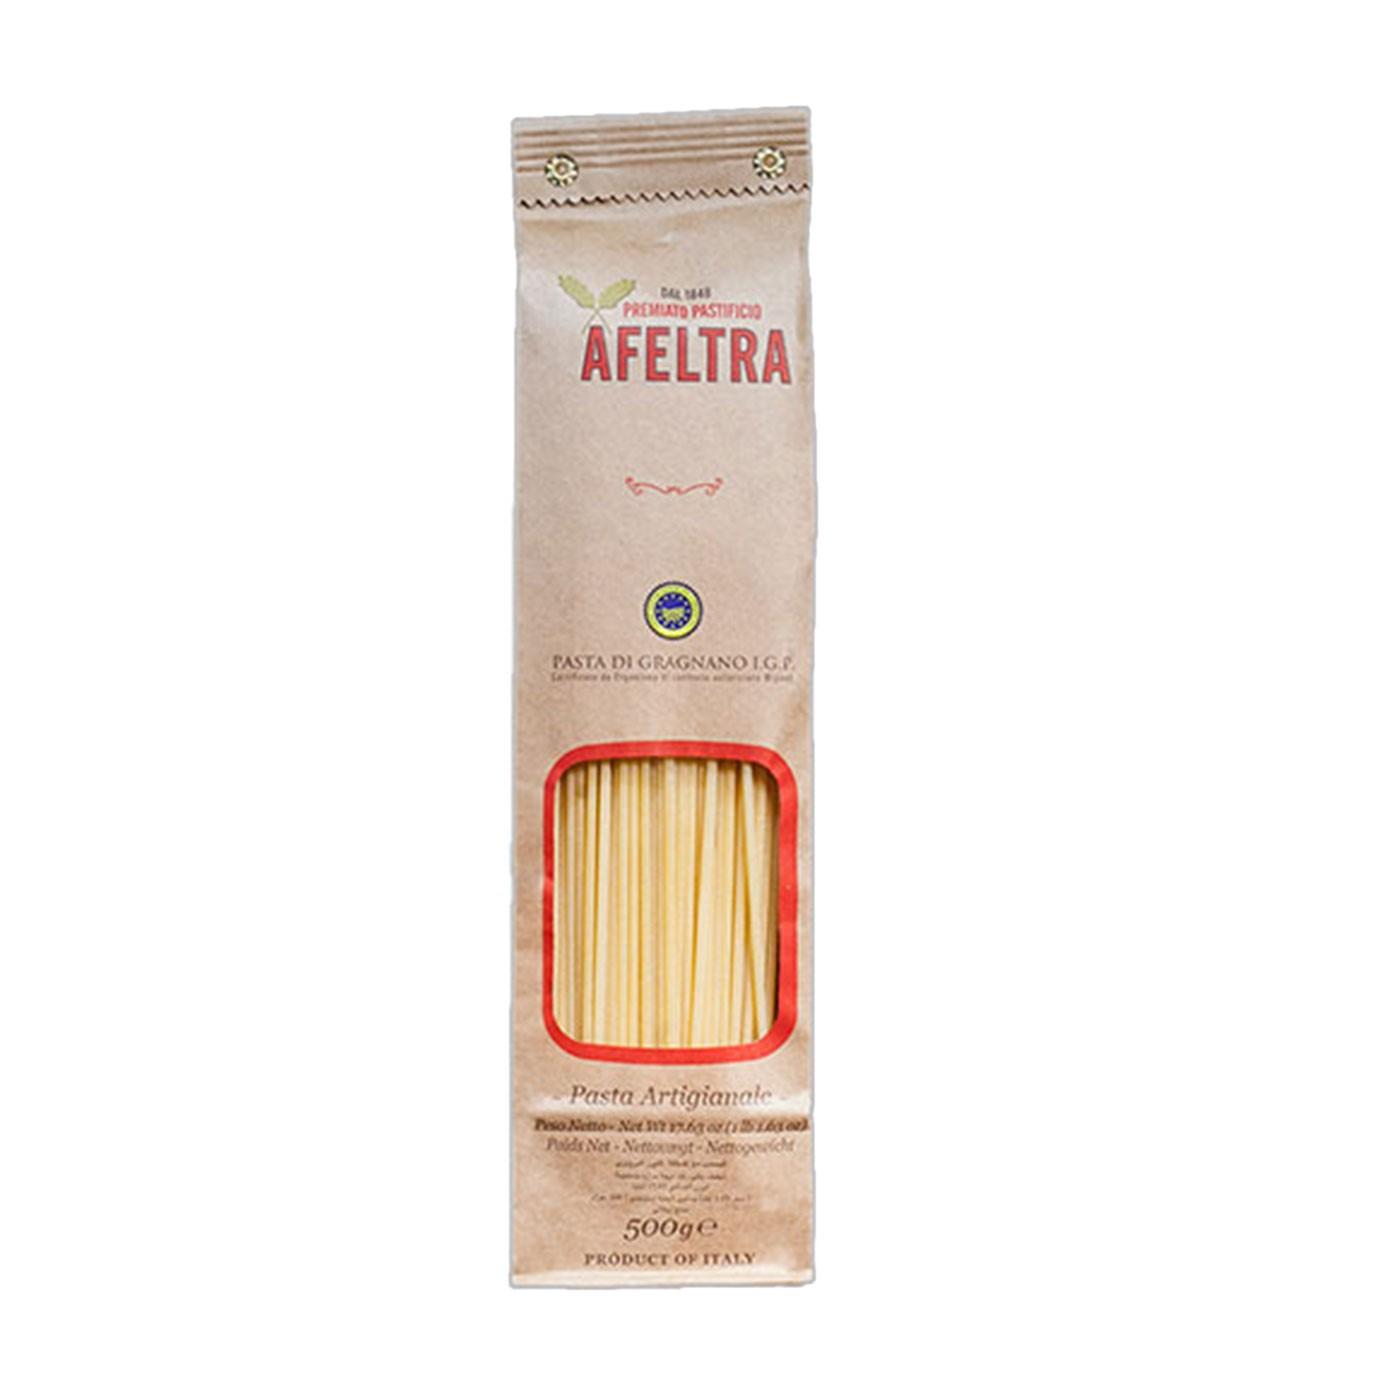 Spaghettoni 17.6oz - Afeltra